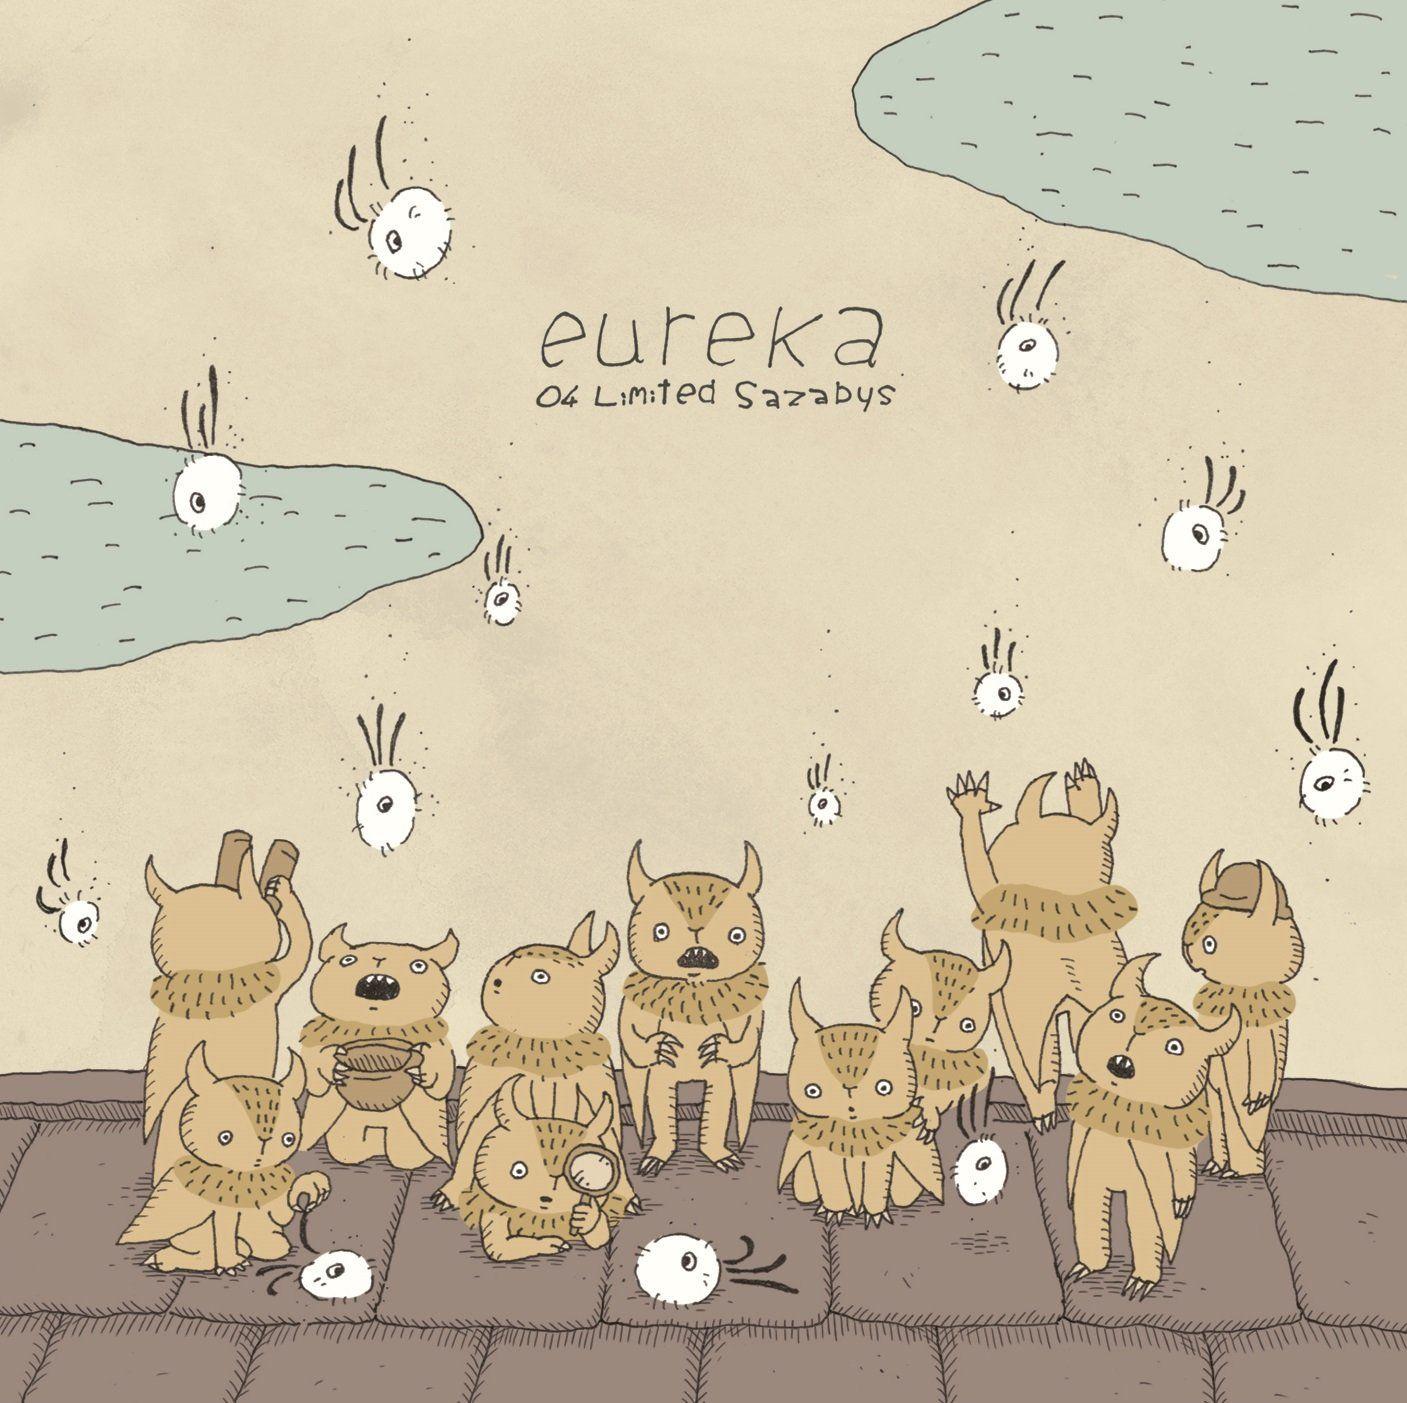 Amazon Eureka ユリイカ 通常盤 04 Limited Sazabys バーゲンコーナー 音楽 ユリイカ アルバム 音楽